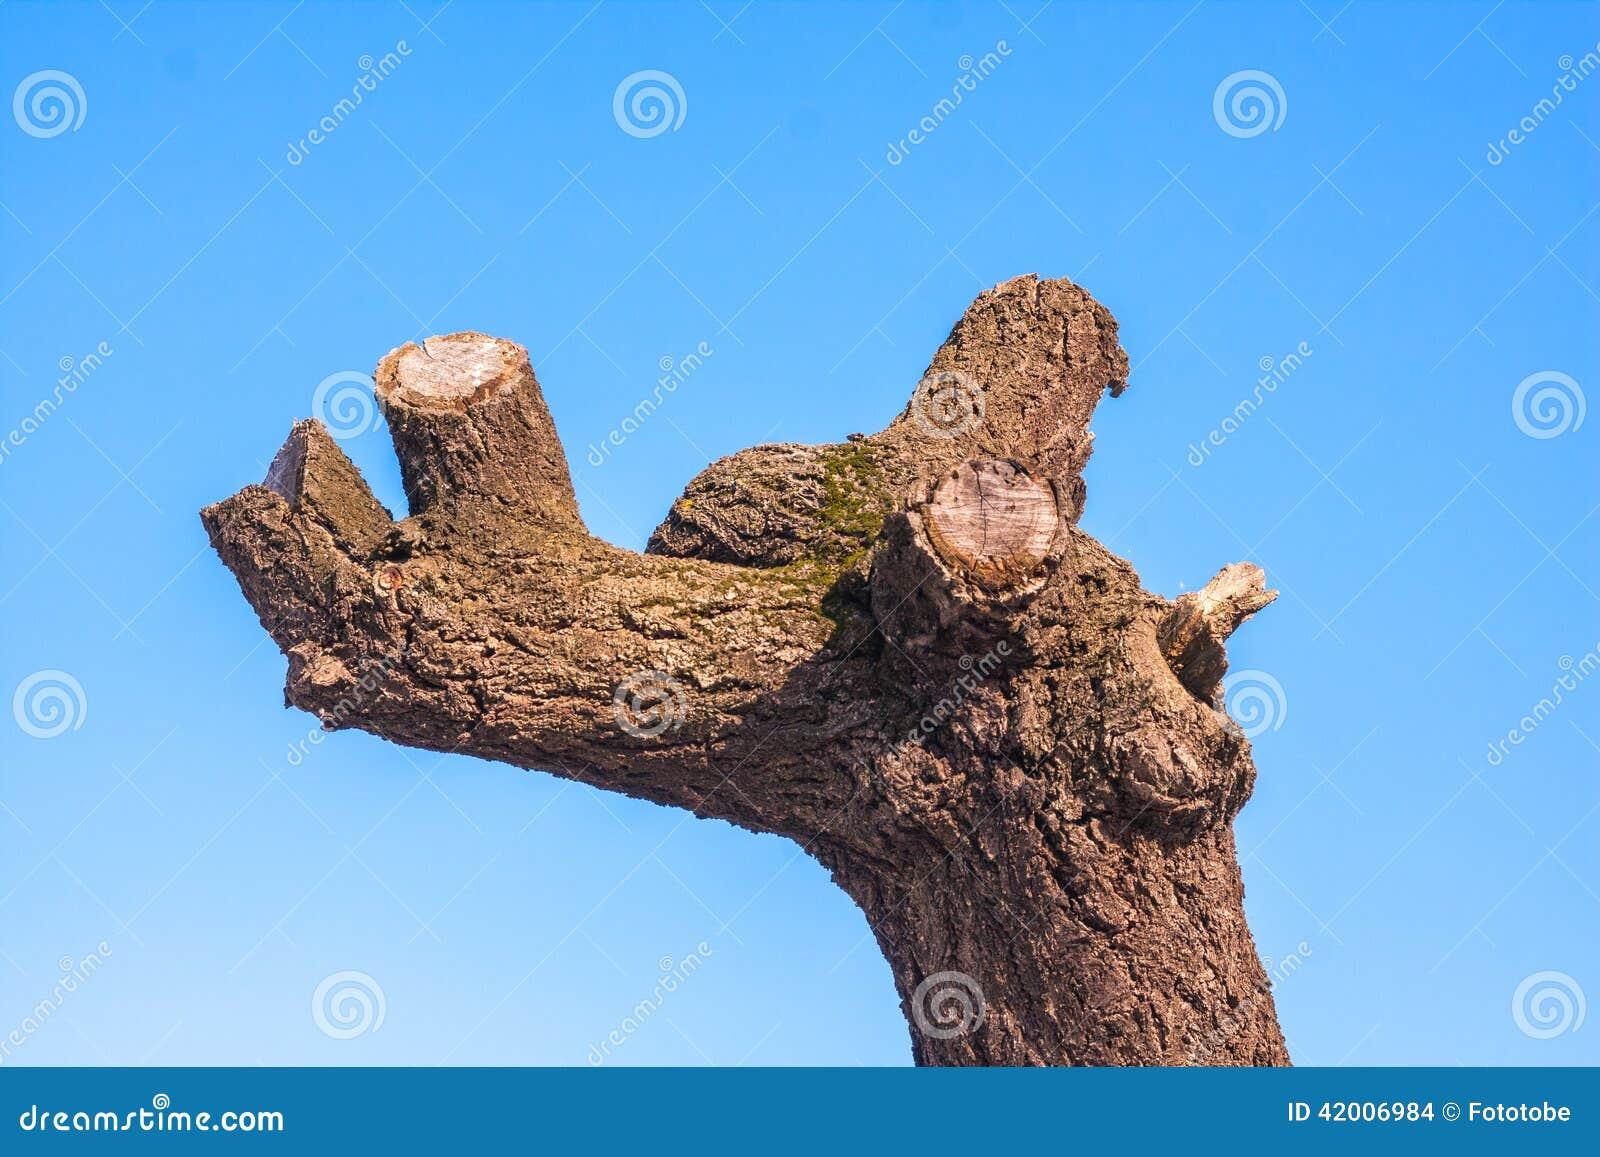 Alter Baum mit getrimmten Niederlassungen auf blauem Himmel